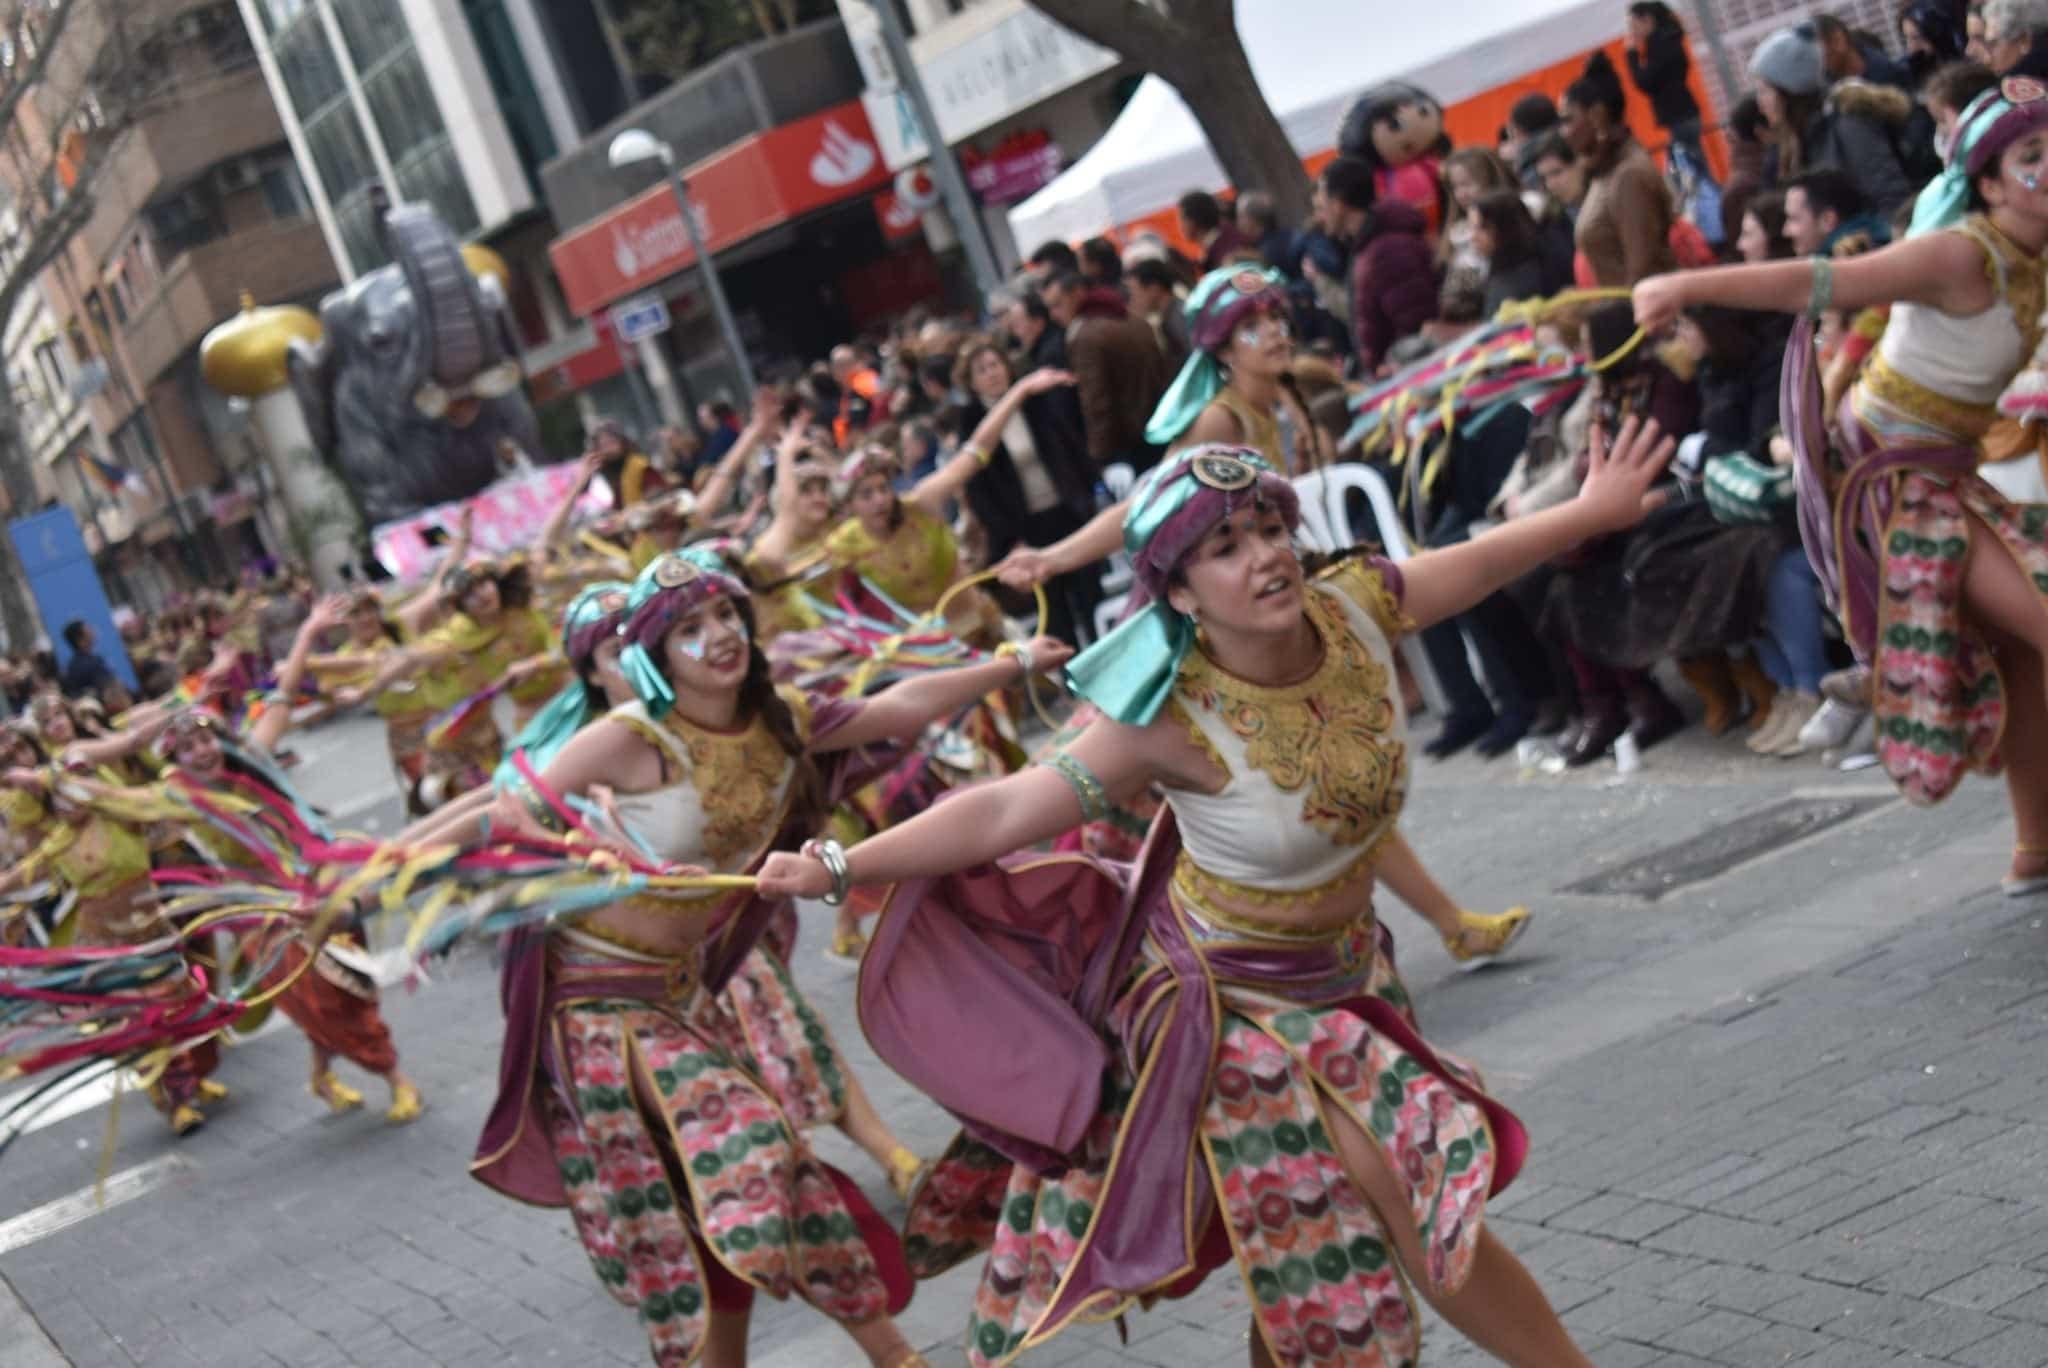 Carnaval de ciudad real 2020 axonsou arlequin oro herencia 9 - Axonsou se lleva el Arlequín de Oro en Ciudad Real